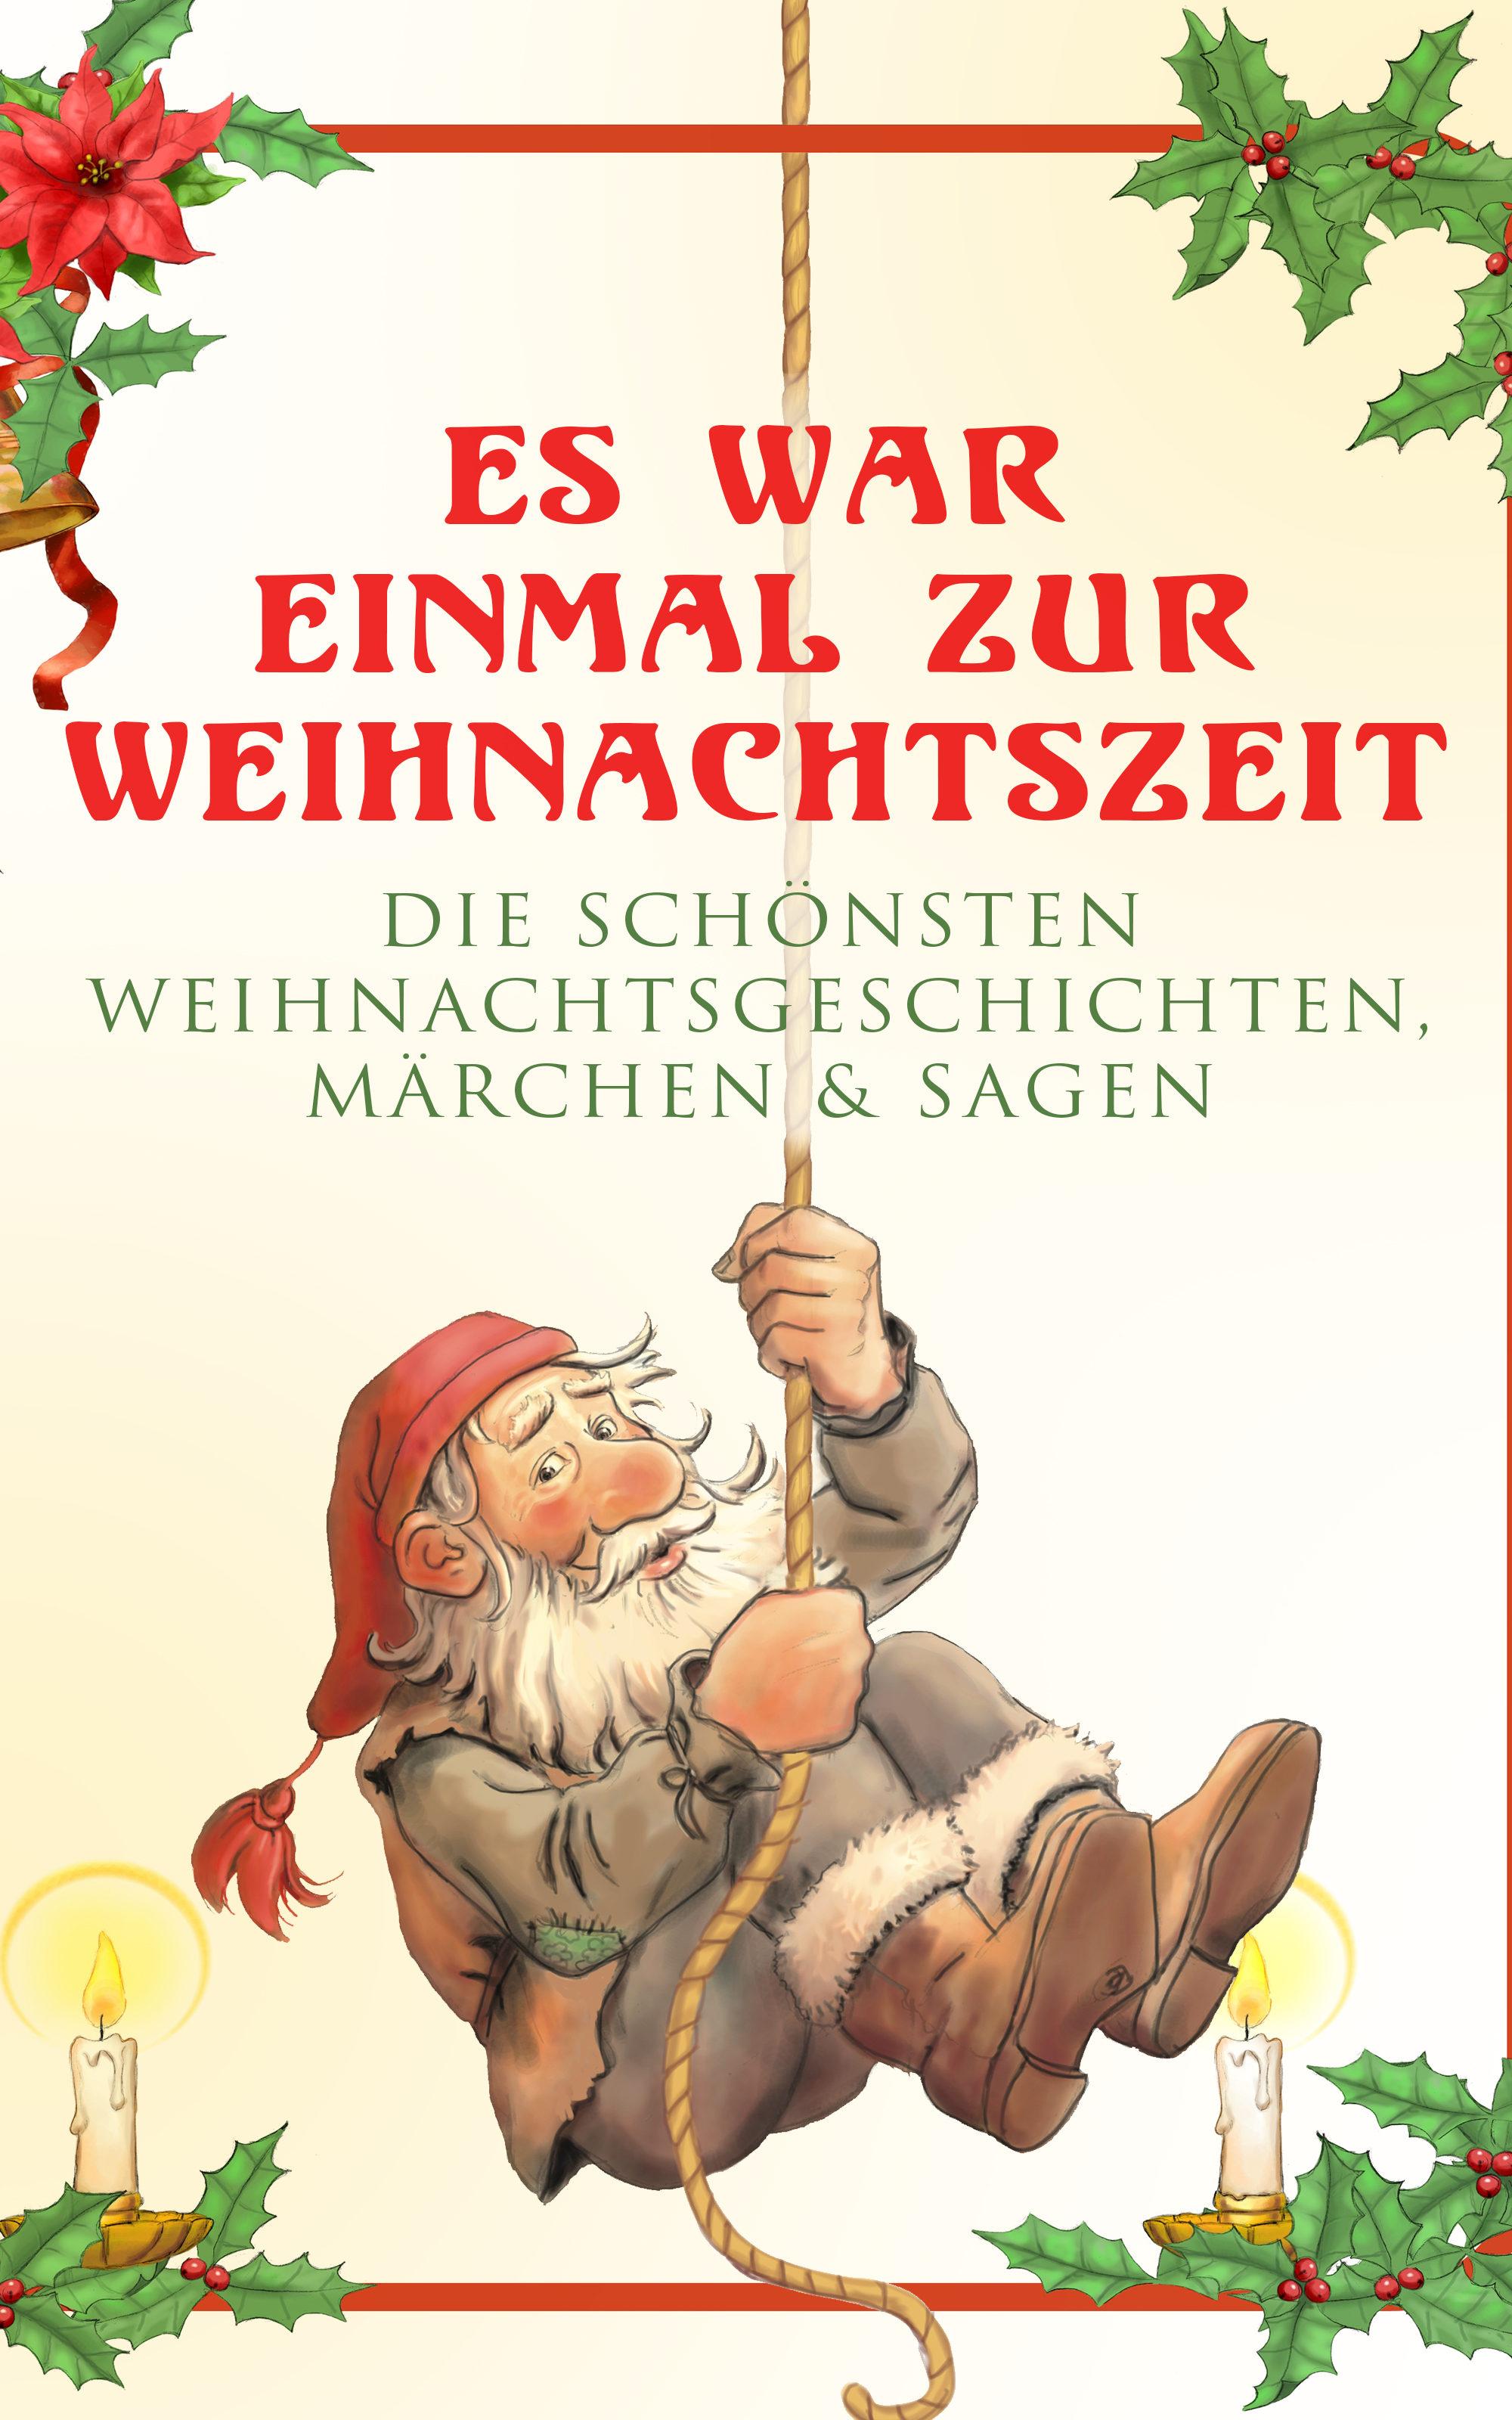 es war einmal zur weihnachtszeit: die schönsten weihnachtsgeschichten, märchen & sagen (ebook)-beatrix potter-walter benjamin-9788026880592